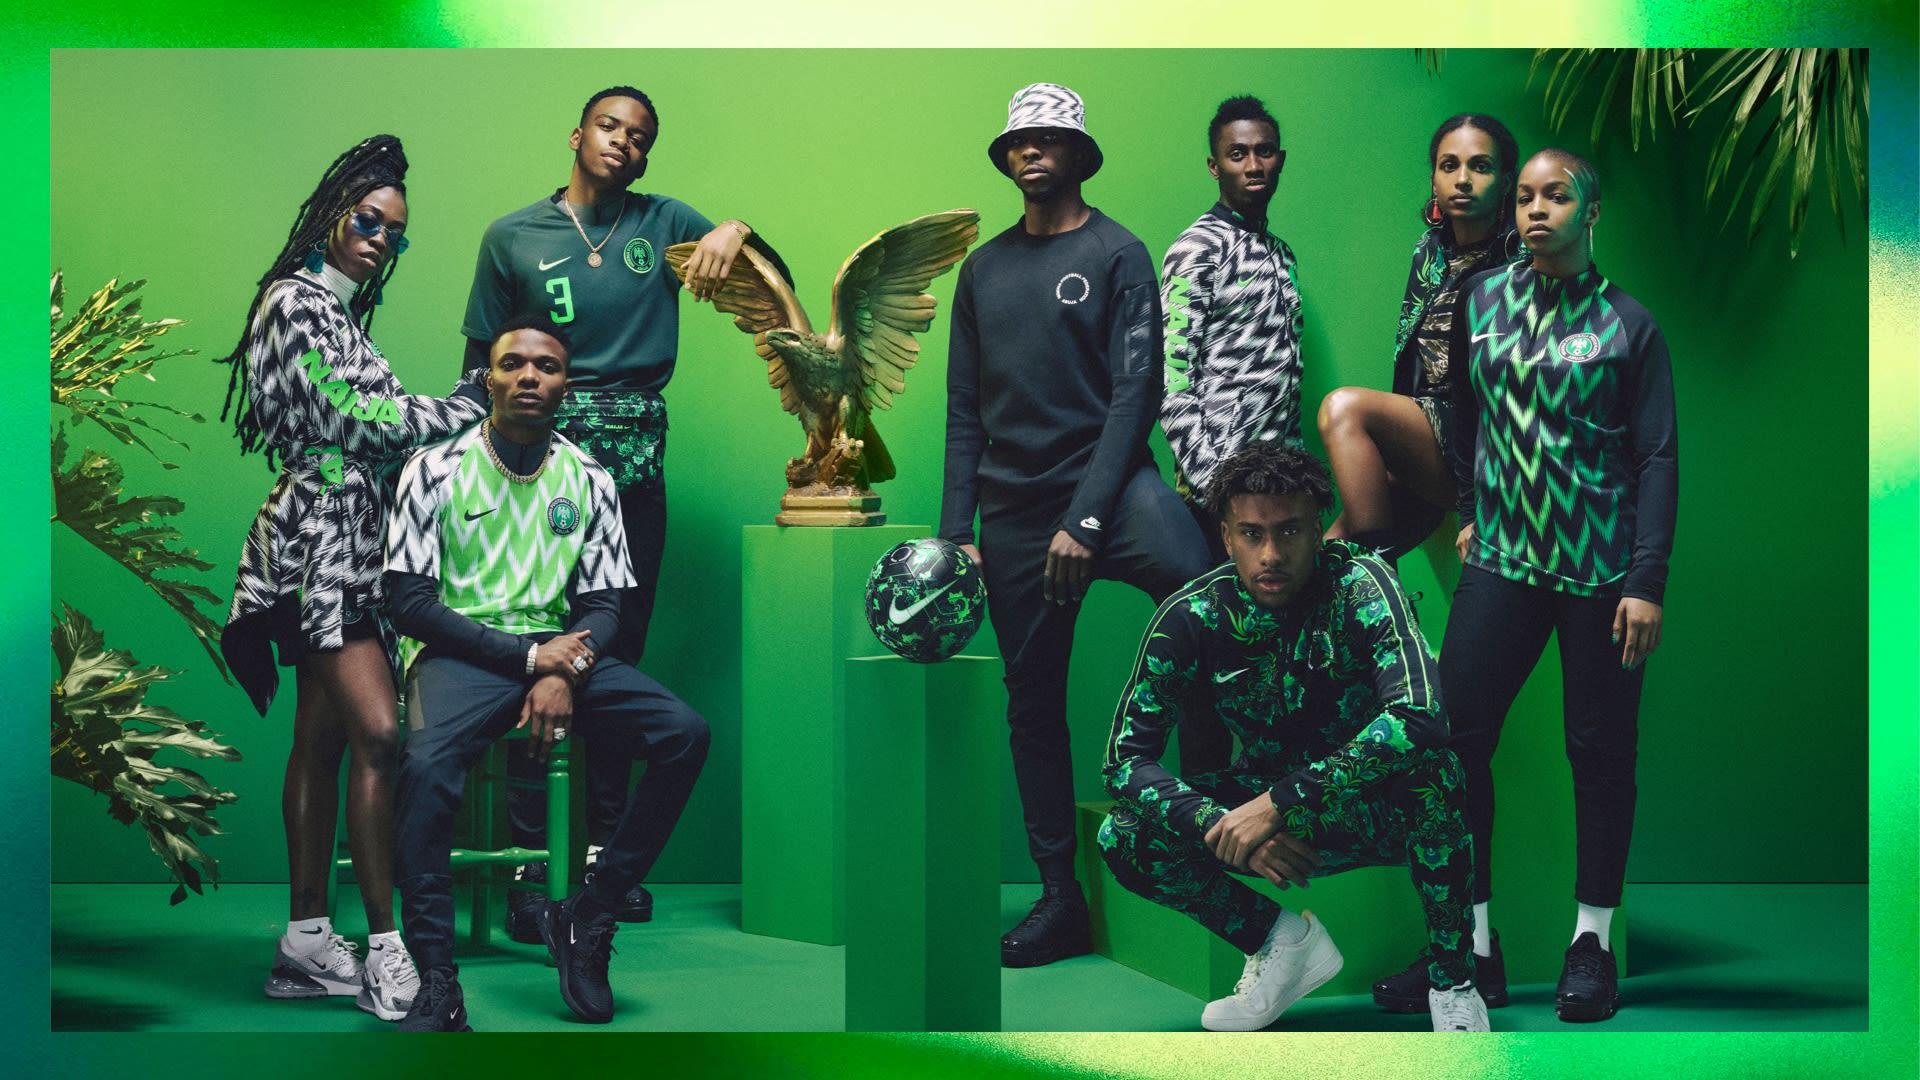 Die besten WM-Trikots 2018: Nigeria